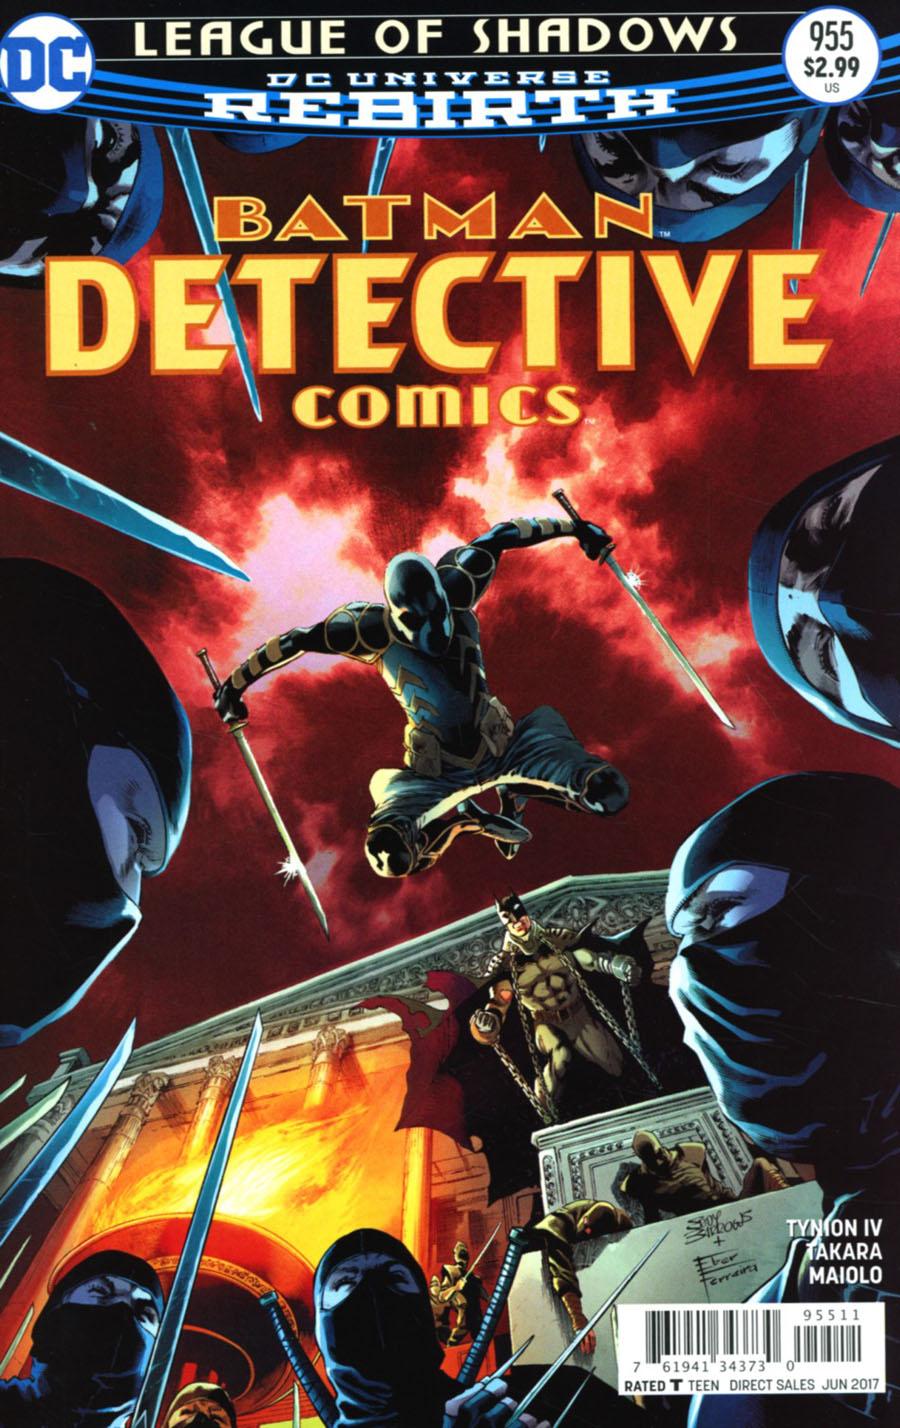 Batman - Detective Comics 955 - League of Shadows Part 5: Fists of Fury